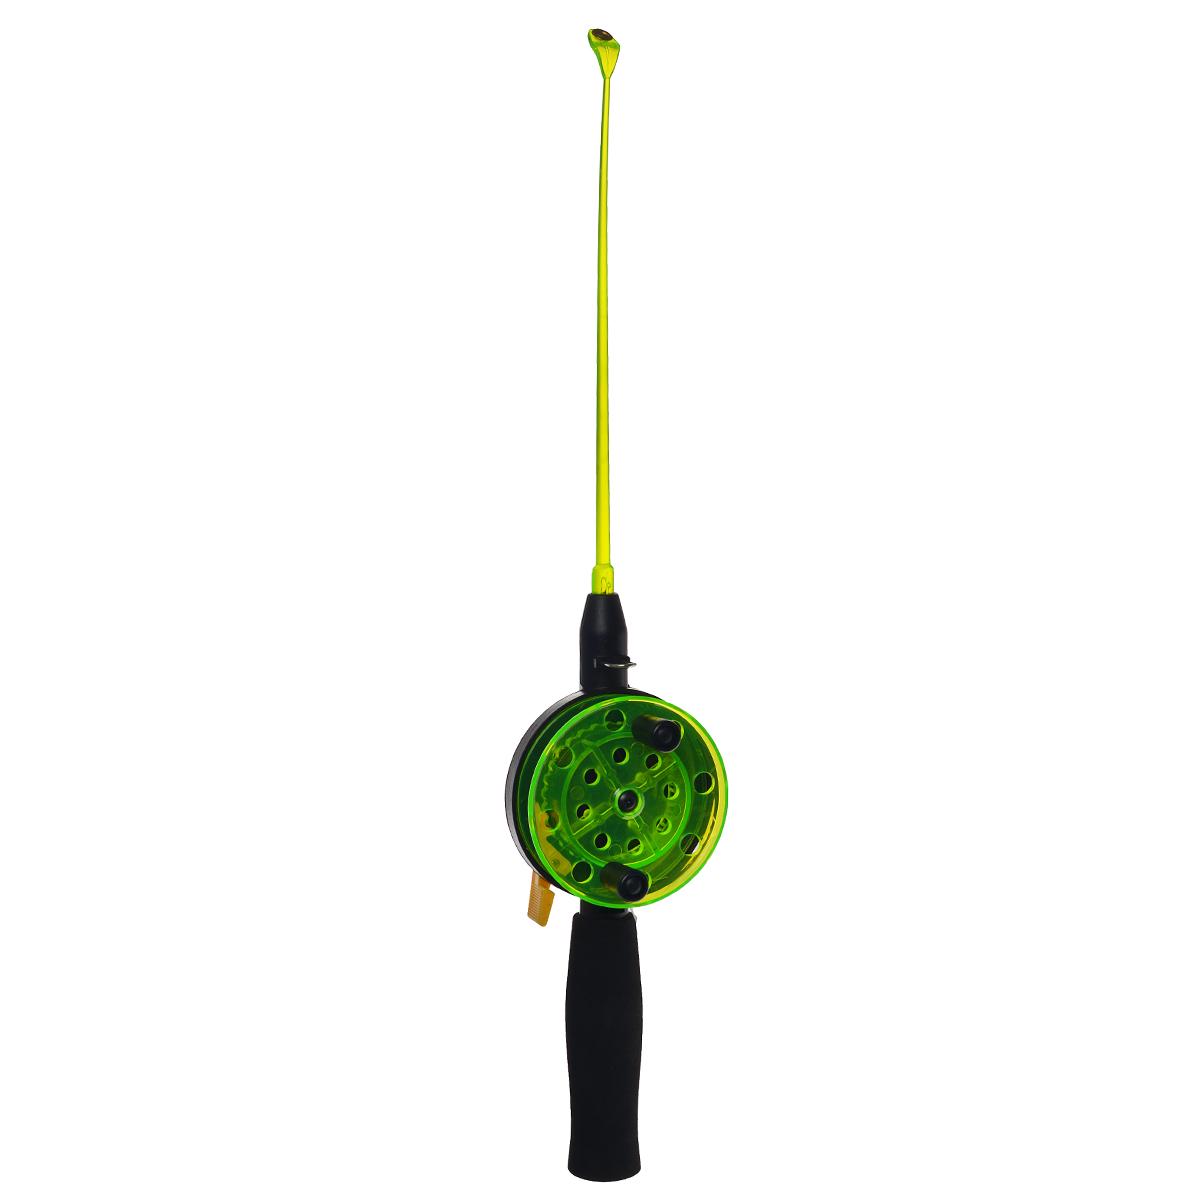 Удочка зимняя SWD HR201, цвет: черный, зеленый, 40 смALDX113003Зимняя удочка SWD HR201 с открытой катушкой диаметром 76 мм и клавишным стопором. Оснащена пластиковым хлыстом длиной 20 см с тюльпаном на конце. Ручка длиной 100 мм выполнена из неопрена.